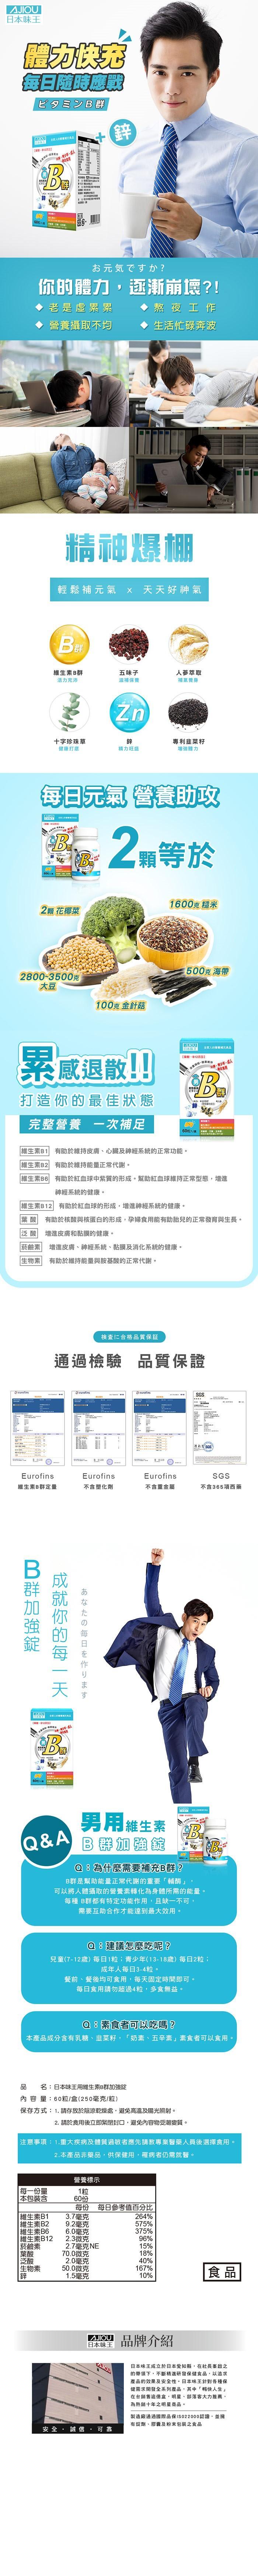 日本味王-男用維生素B群加強錠(60粒)產品資訊